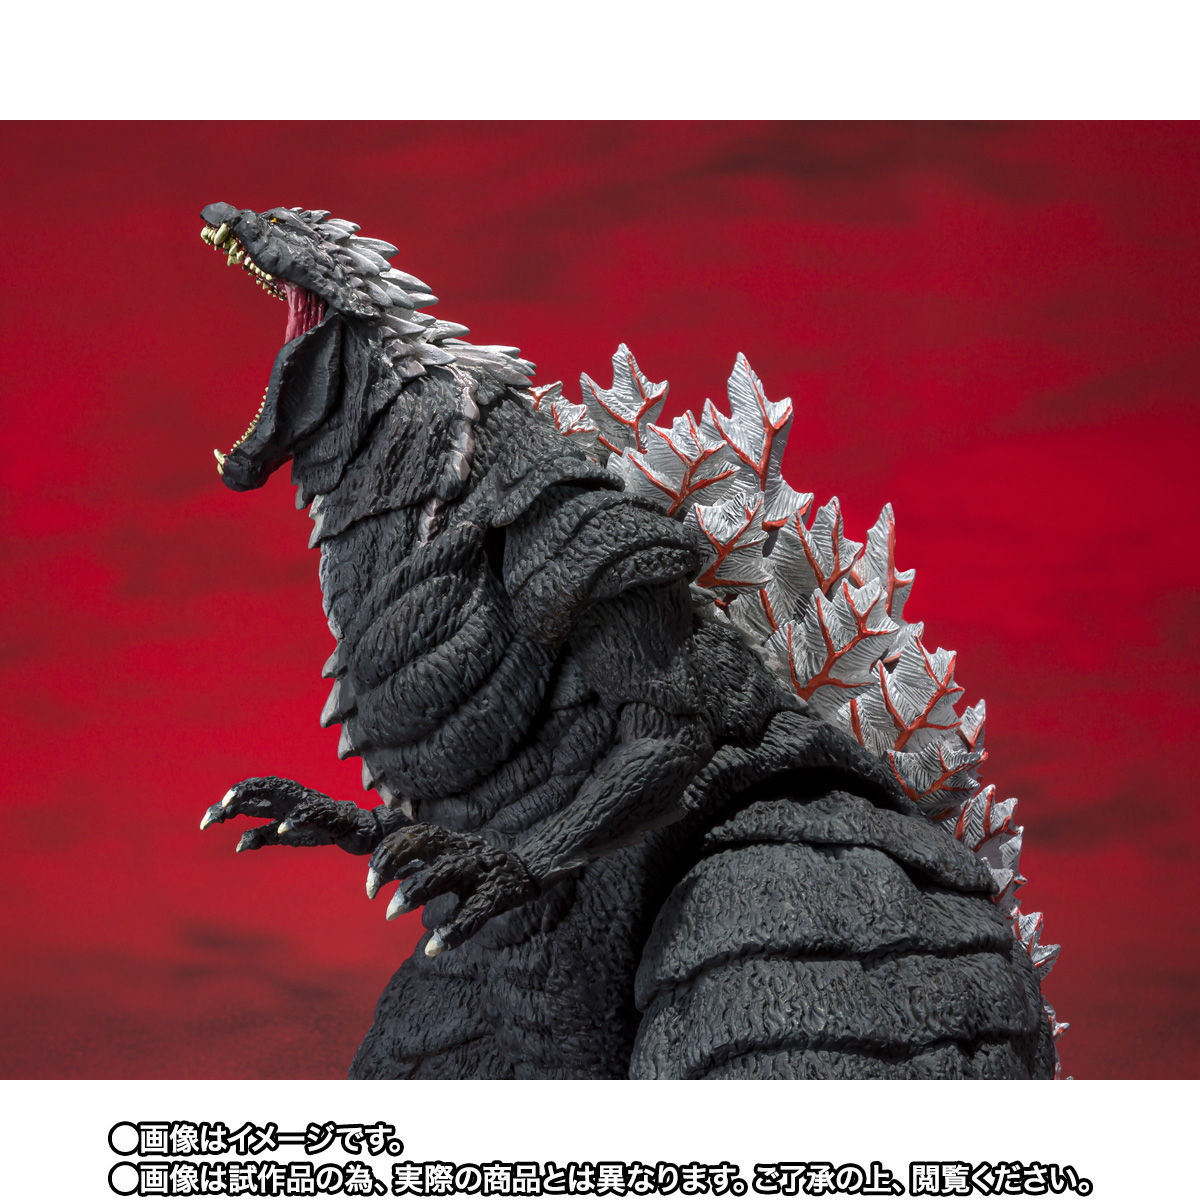 【限定販売】S.H.MonsterArts『ゴジラウルティマ』ゴジラS.P 可動フィギュア-005